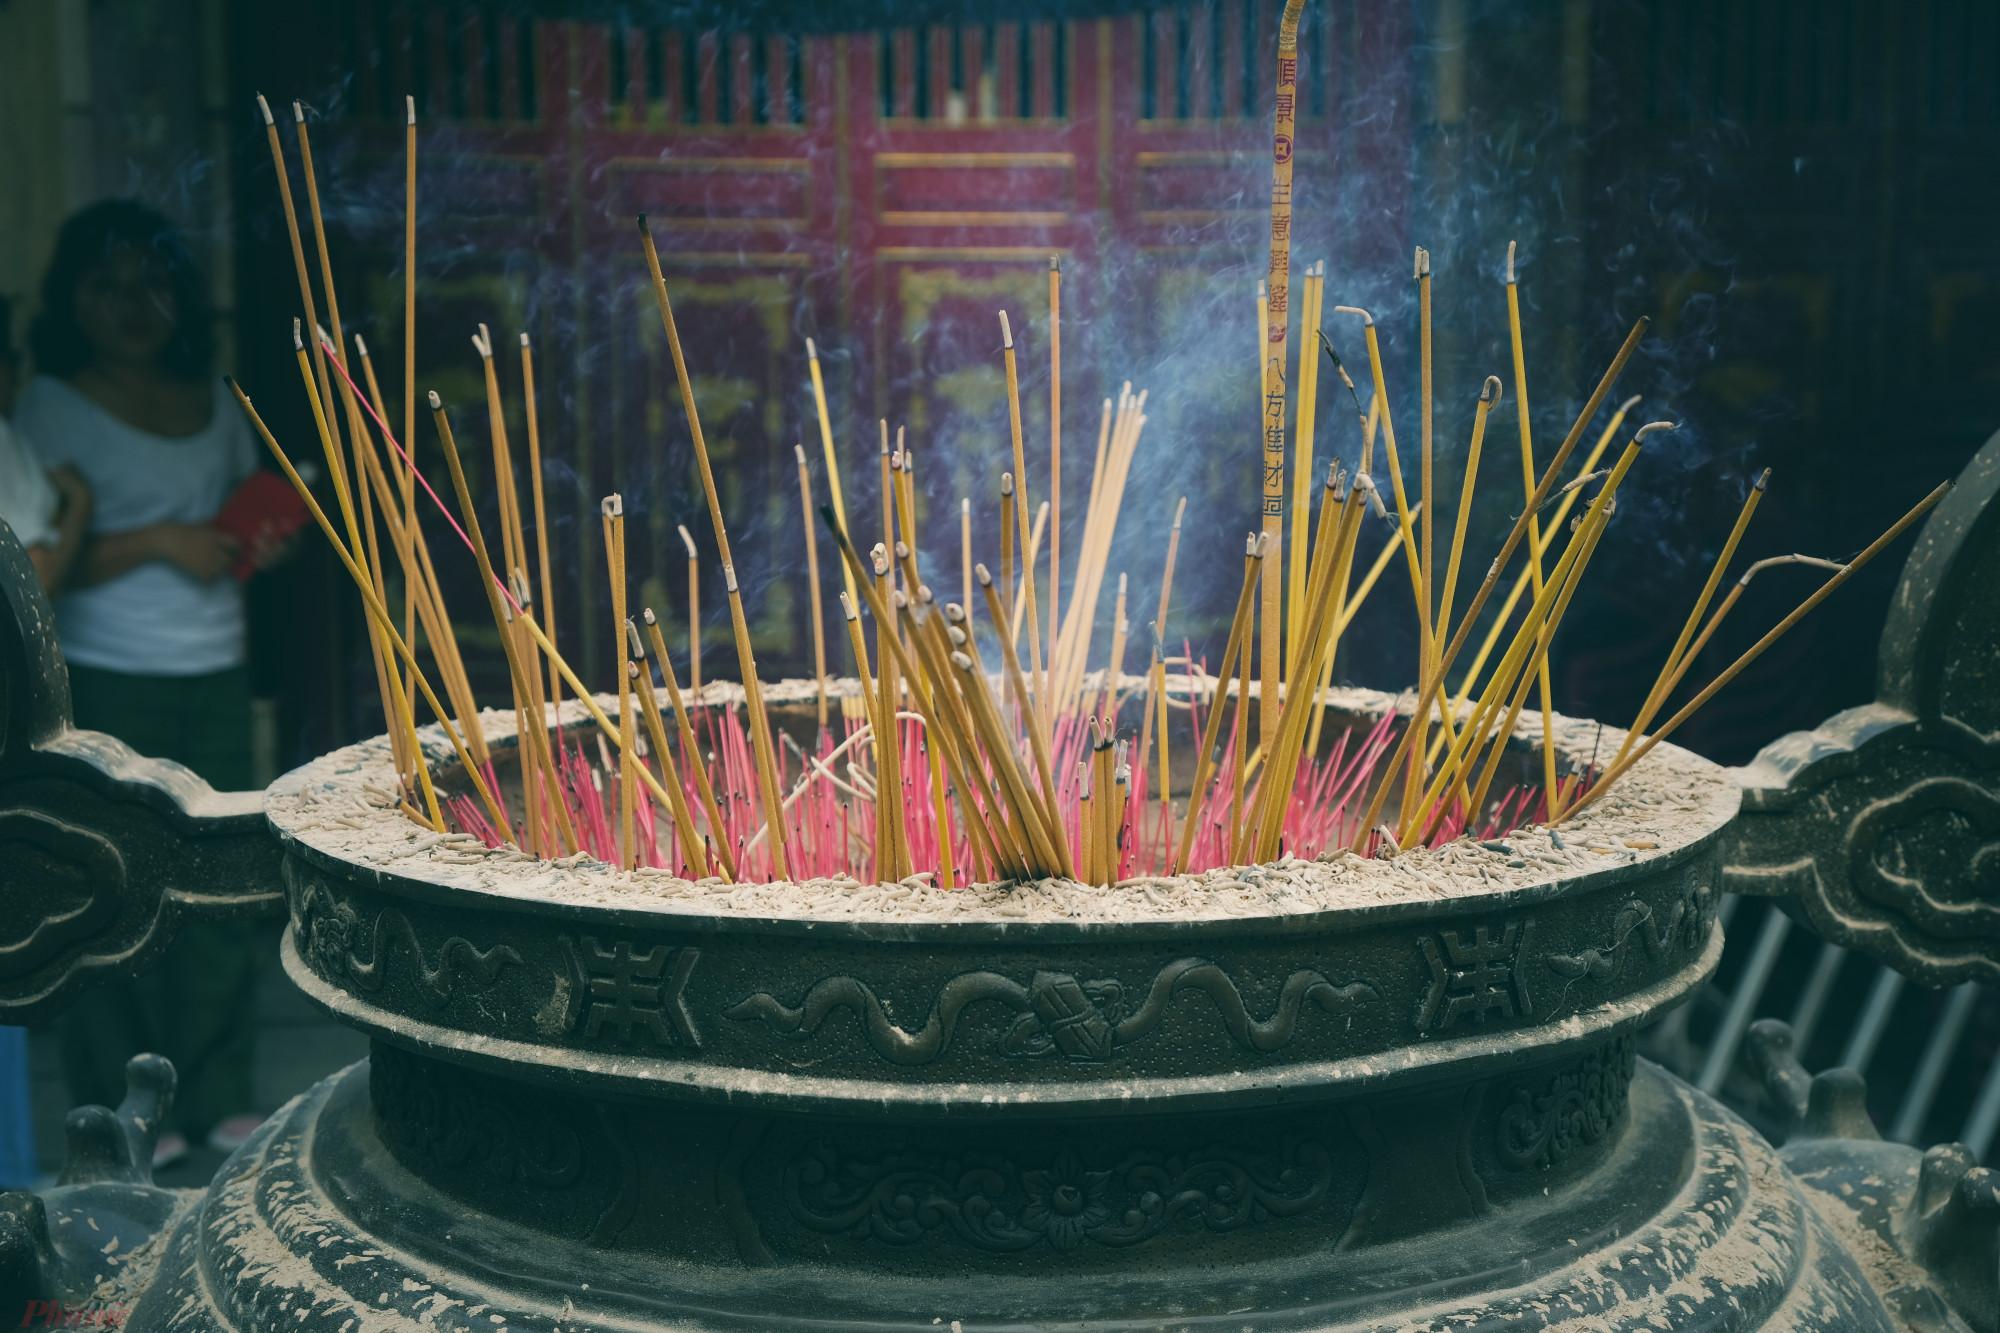 Lăng Ông -Bà Chiểu là khu đền và mộ của Tả quân Lê Văn Duyệt (1764-1832); hiện tọa lạc tại số 1 đường Vũ Tùng, phường 1, quận Bình Thạnh. Do vị trí Lăng Ông nằm cạnh Chợ Bà Chiểu nên dân gian quen gọi chung Lăng Ông - Bà Chiểu.